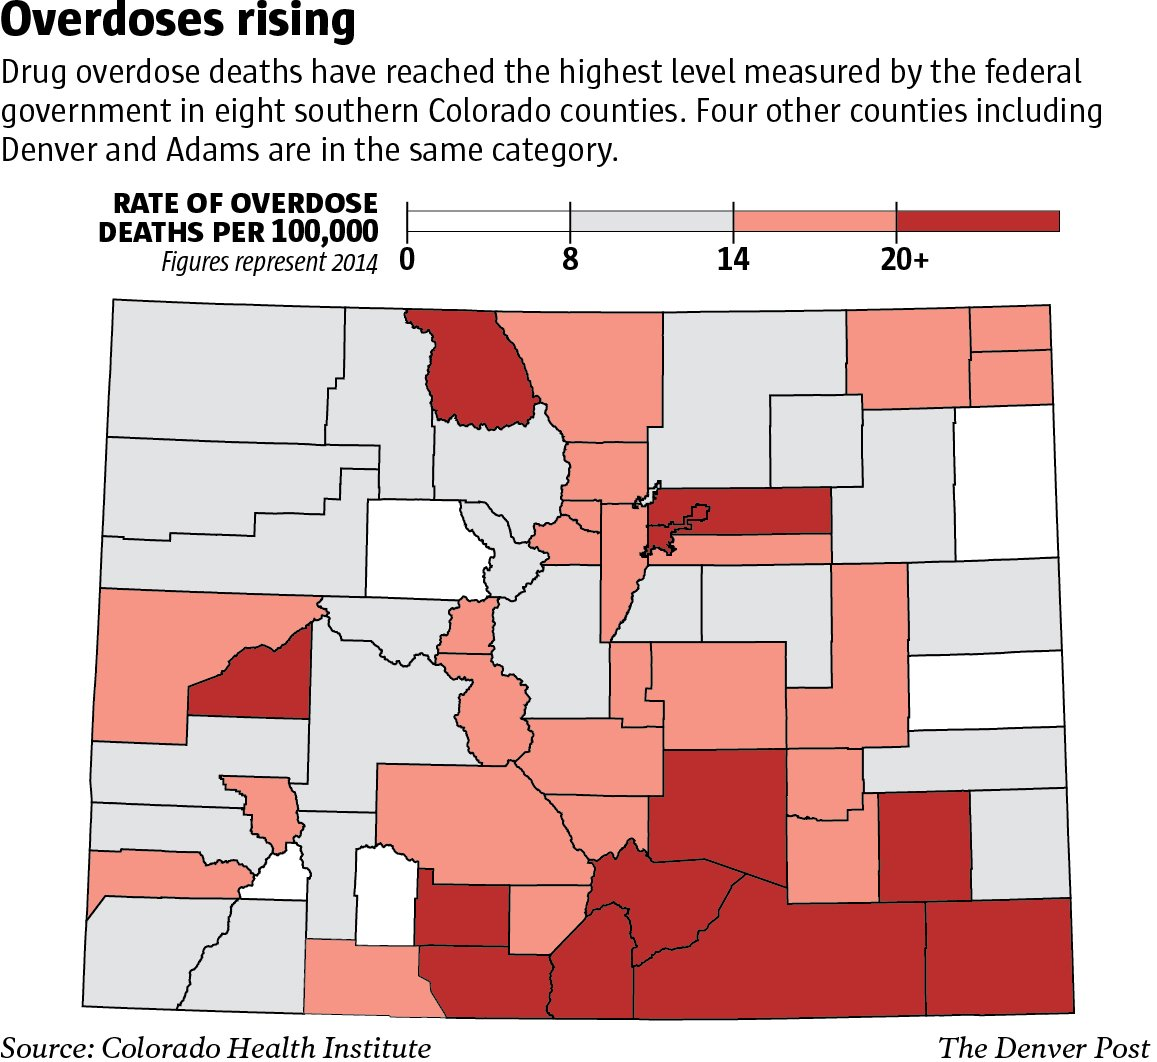 Drug overdose deaths hit record levels in rural southern Colorado: @dolingerdp